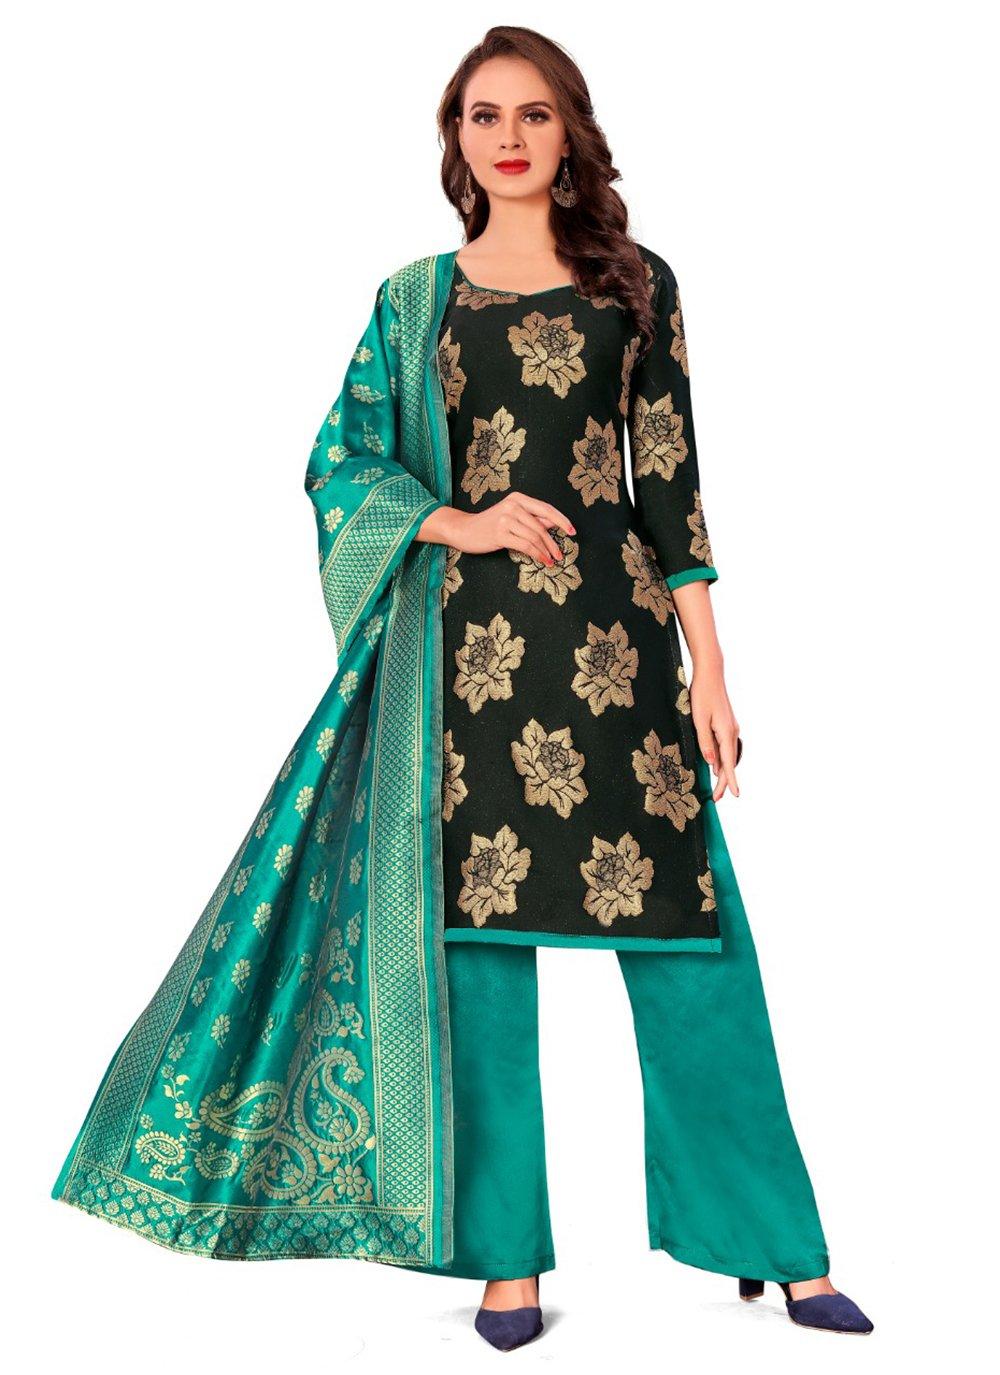 Banarasi Silk Black Jacquard Work Pant Style Suit